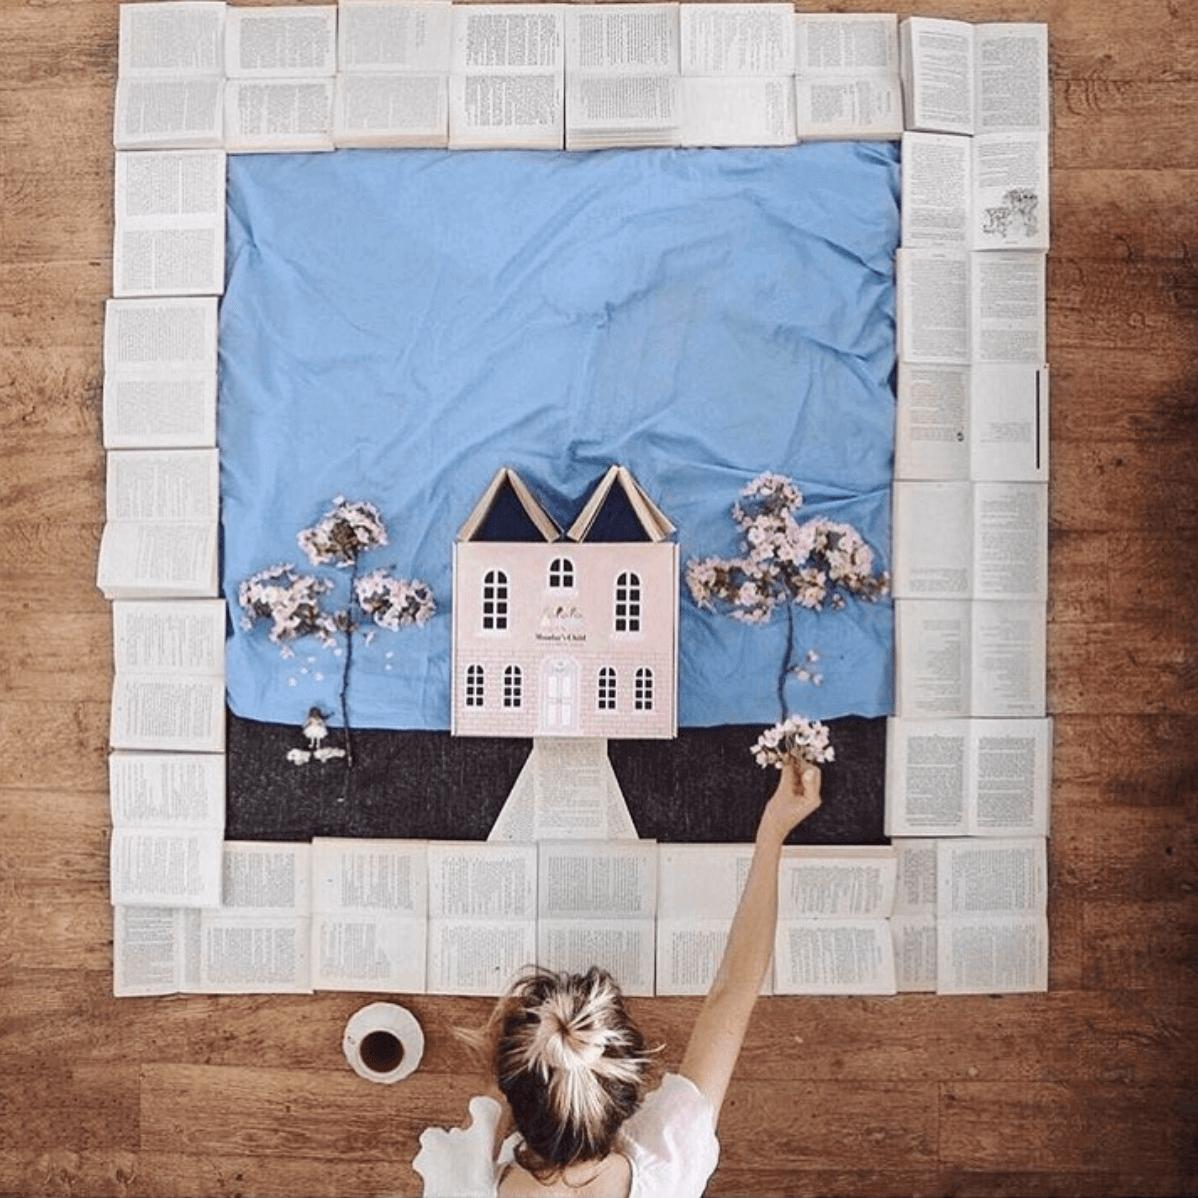 Carton écologique réutilisable de la marque Monday's Child conçu par Packhelp